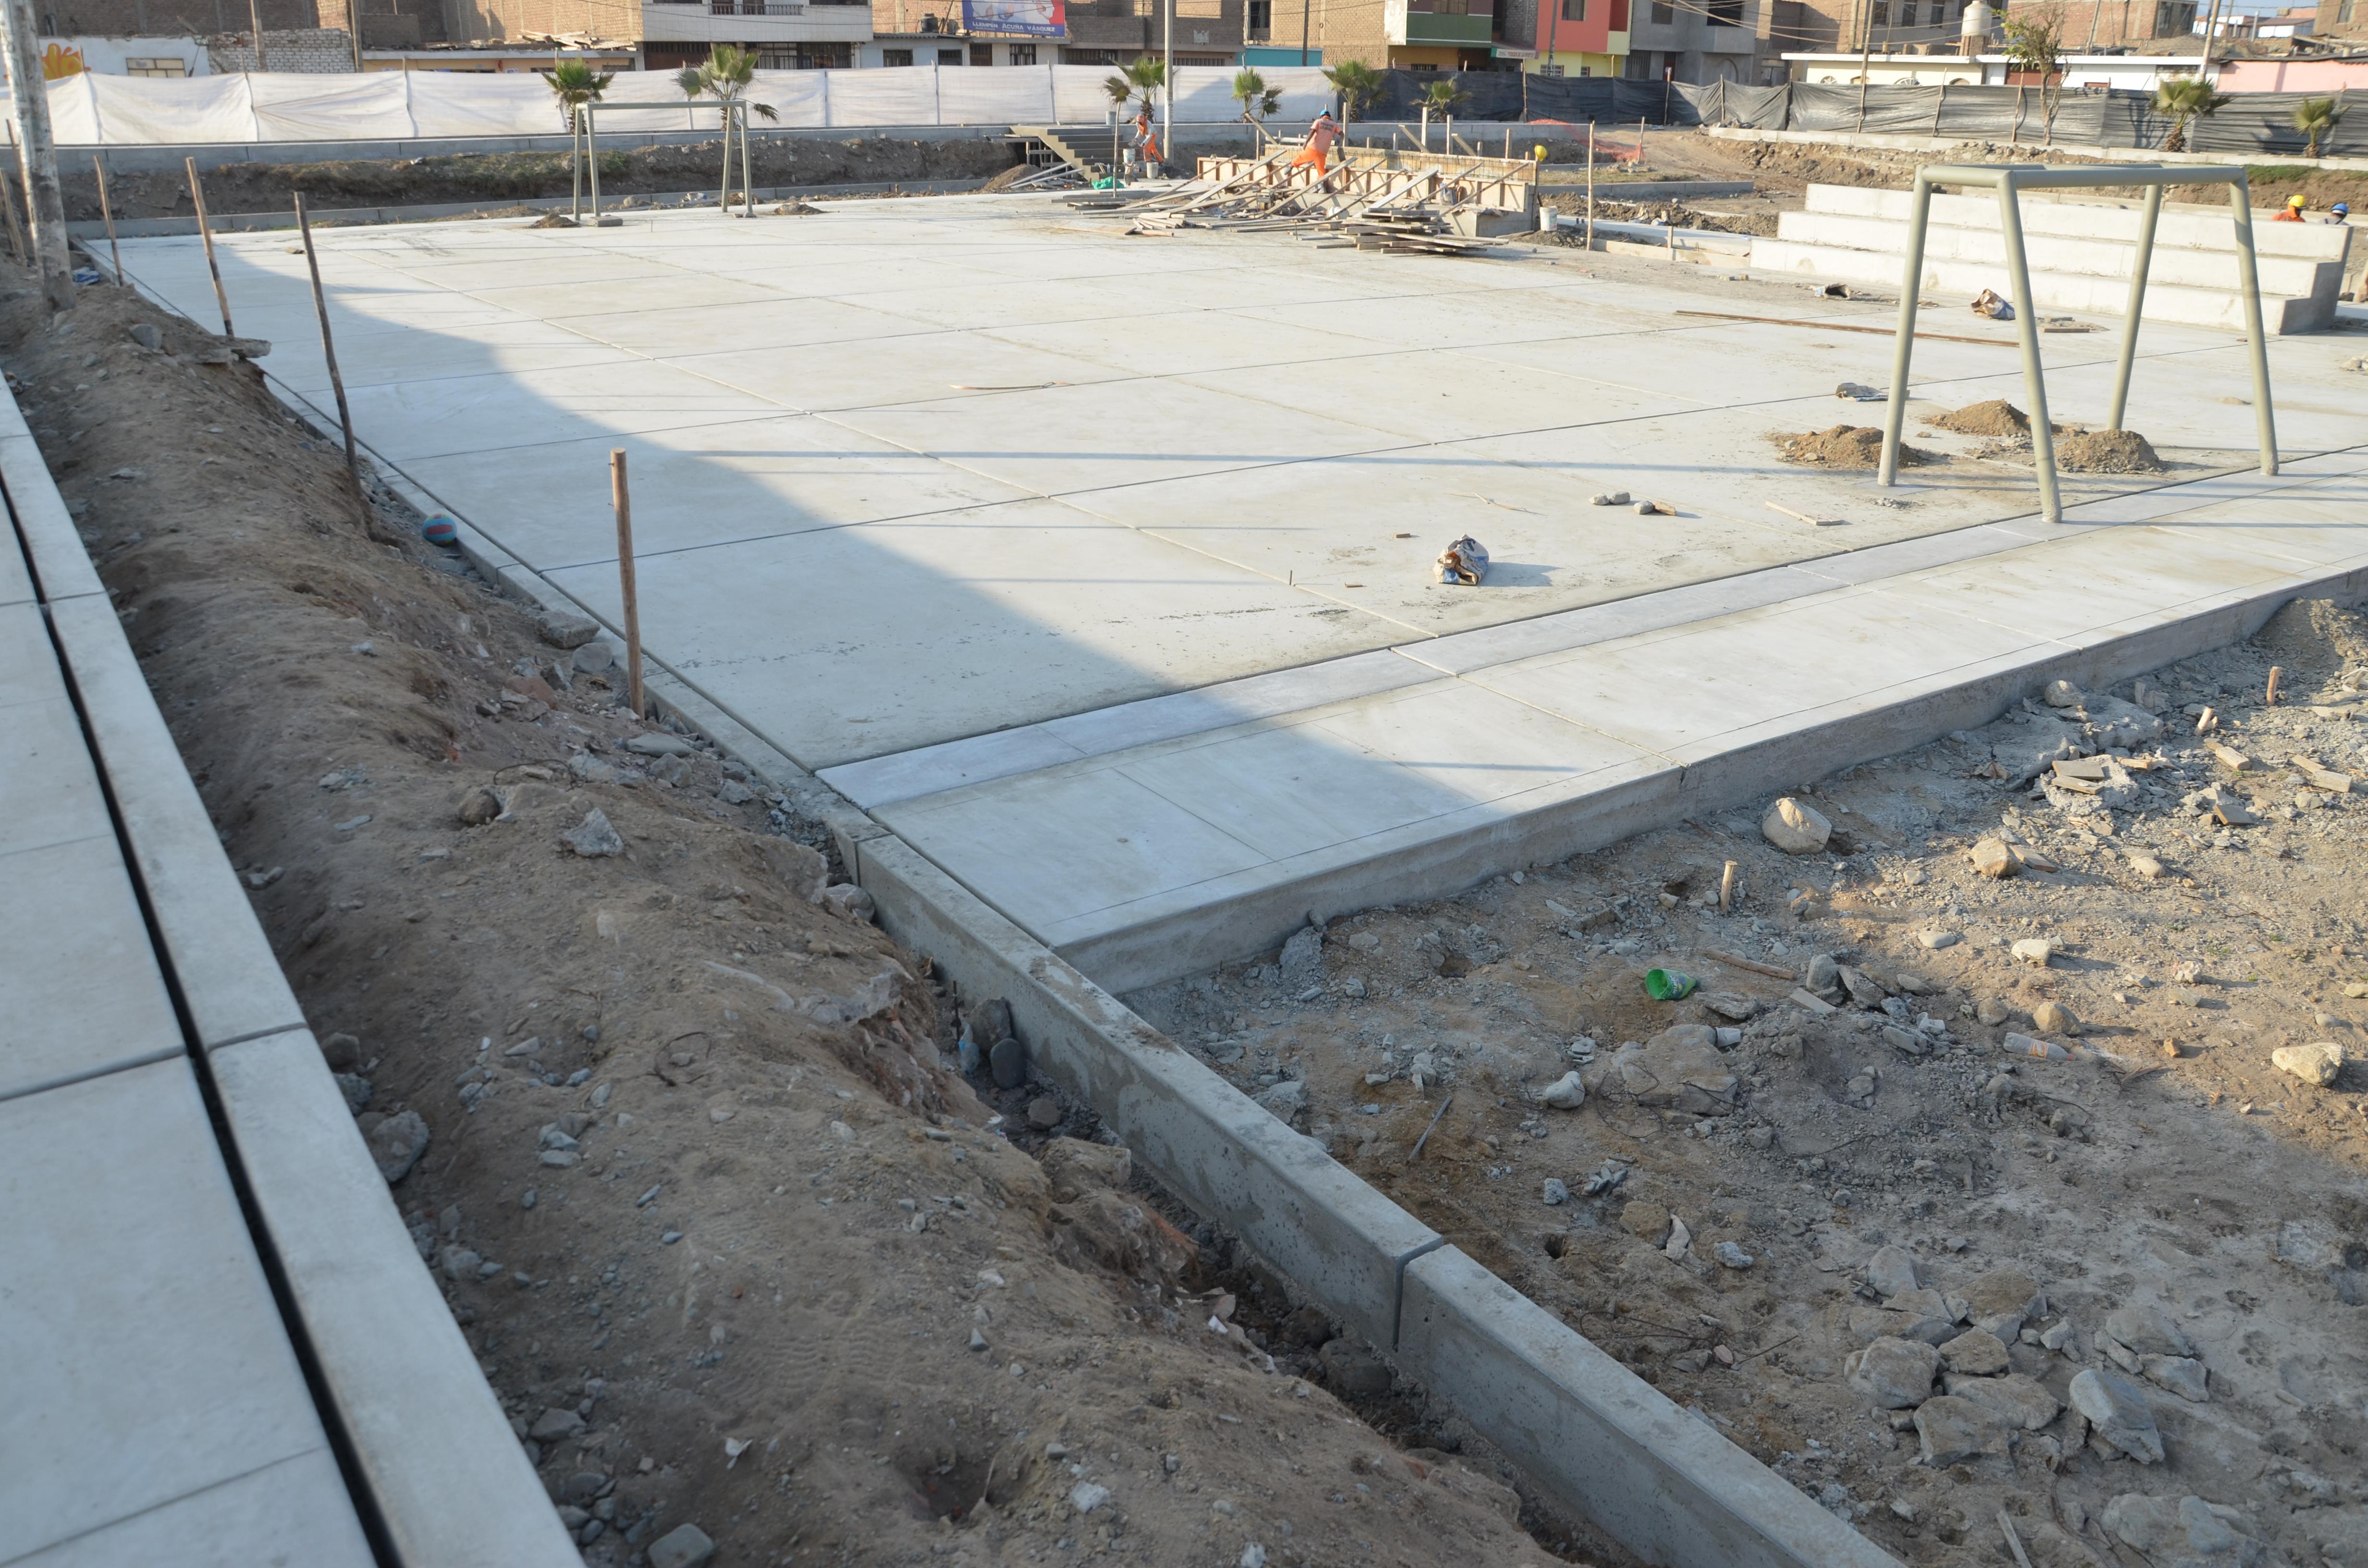 En 50 avanza construcci n de parque recreativo la poza for Construccion piscina temperada